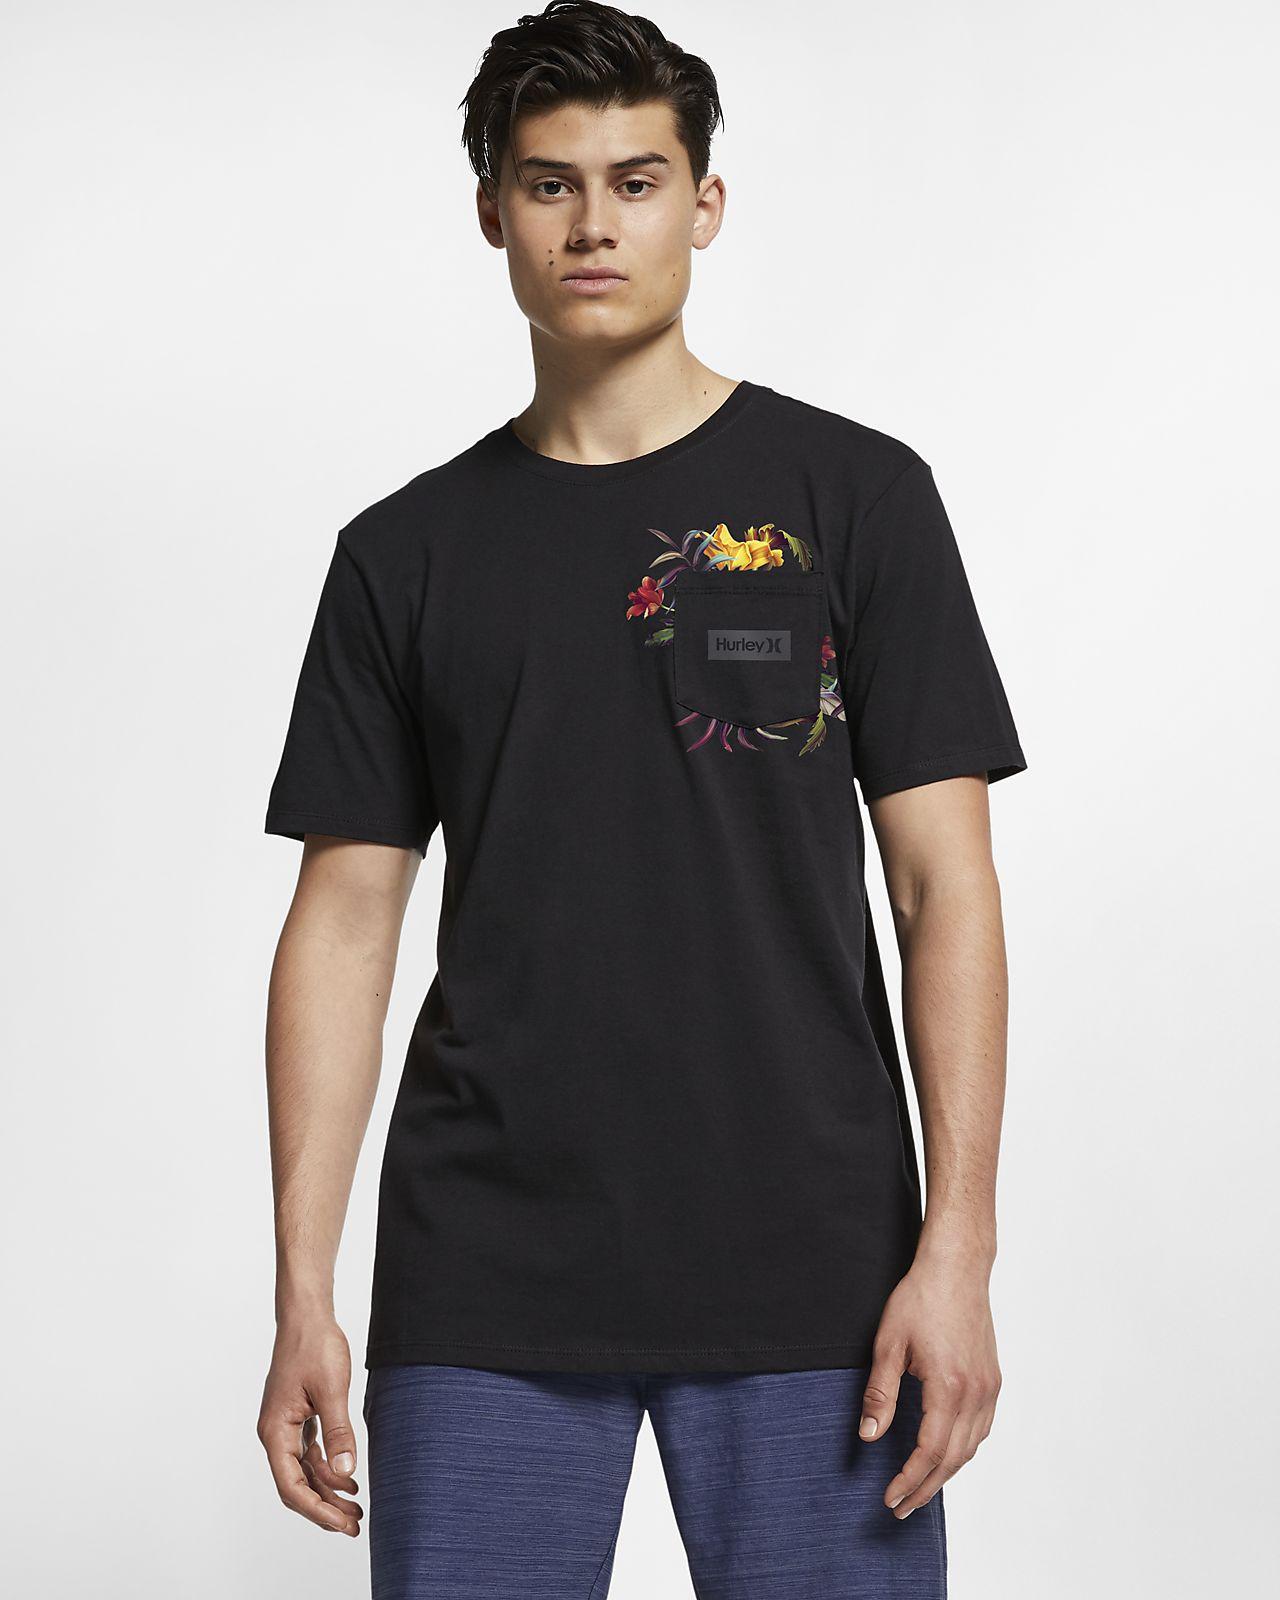 Hurley Premium Fat Cap Men's Pocket T-Shirt